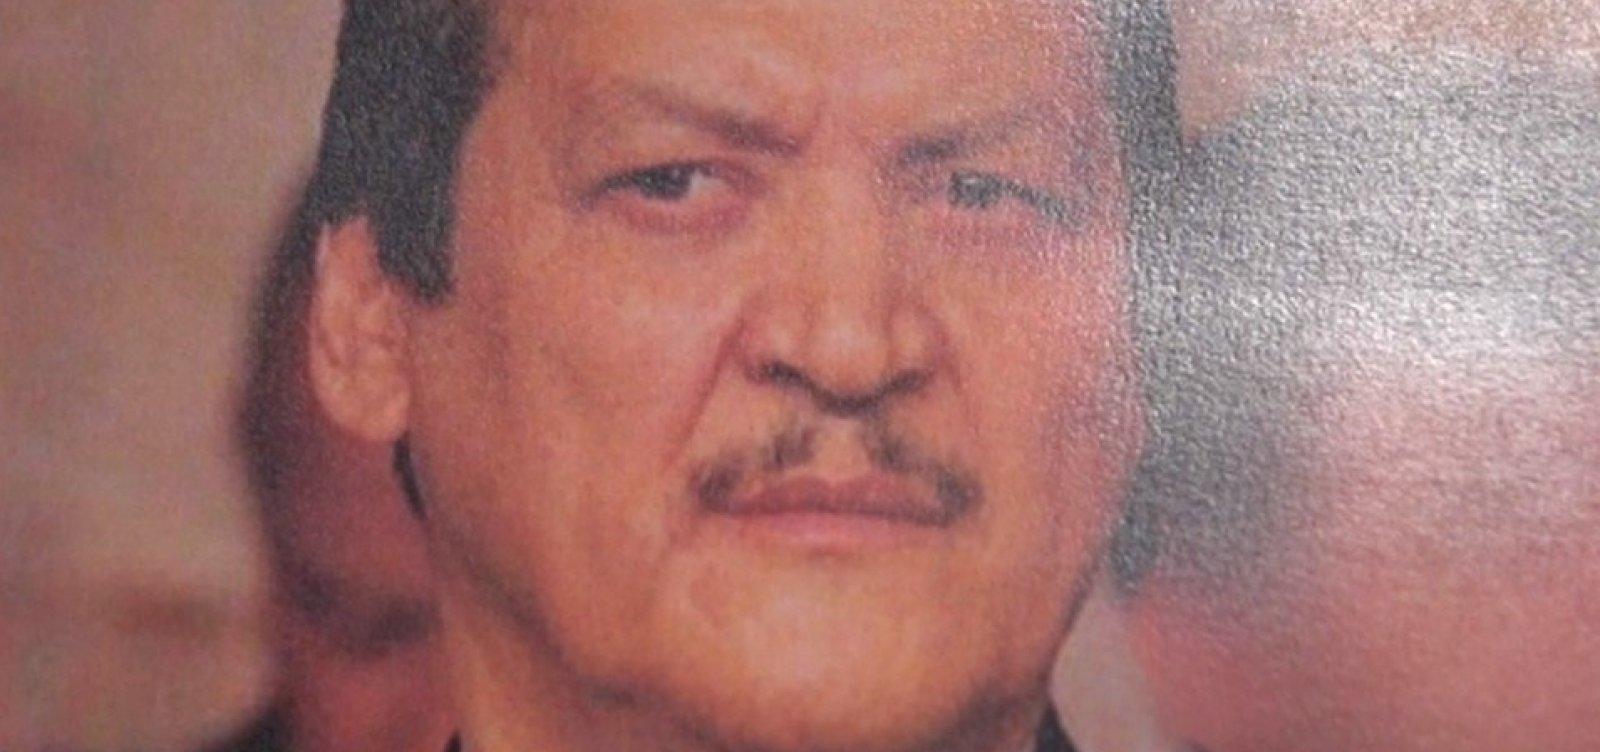 Mulher que denunciou líder religioso Jair Tércio por abuso sexual se diz vítima de silenciamento